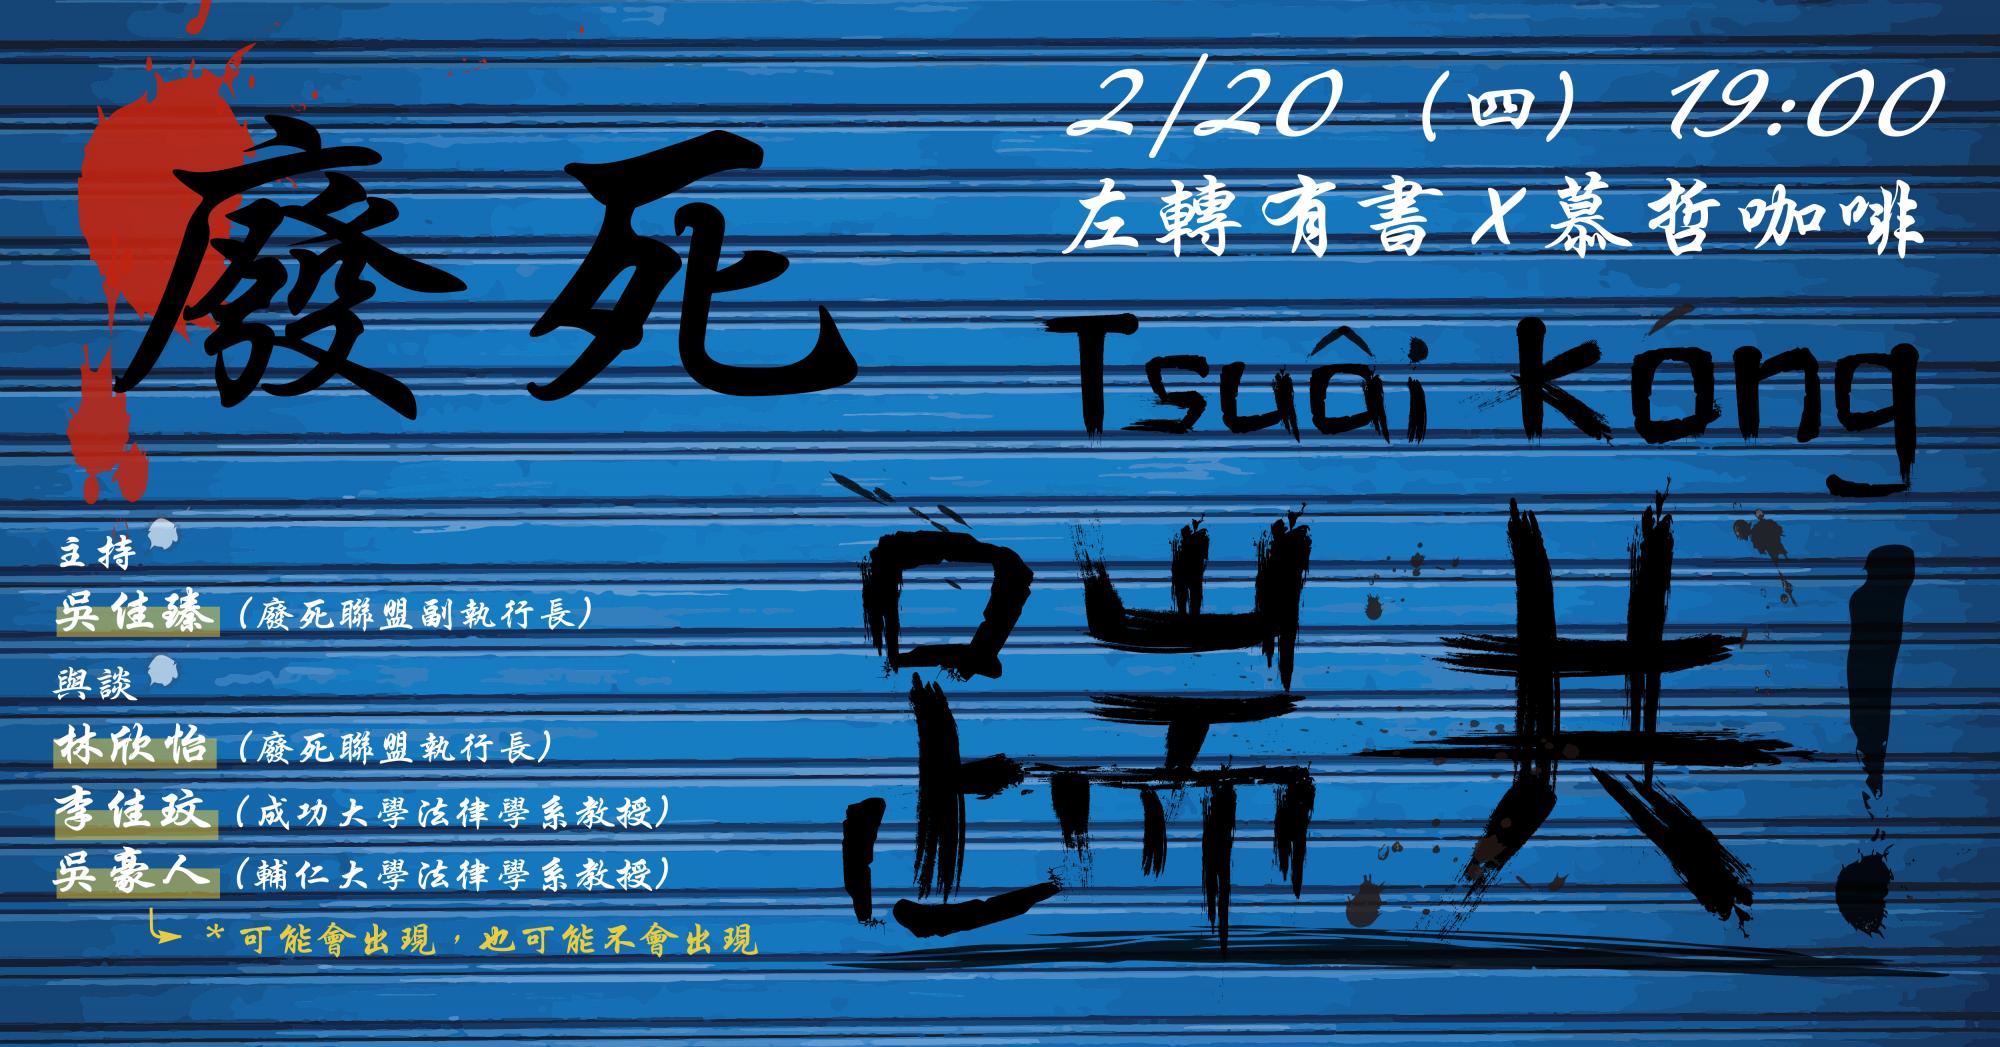 fei_si_chuai_gong_2020_gong_zuo_qu_yu_1.png